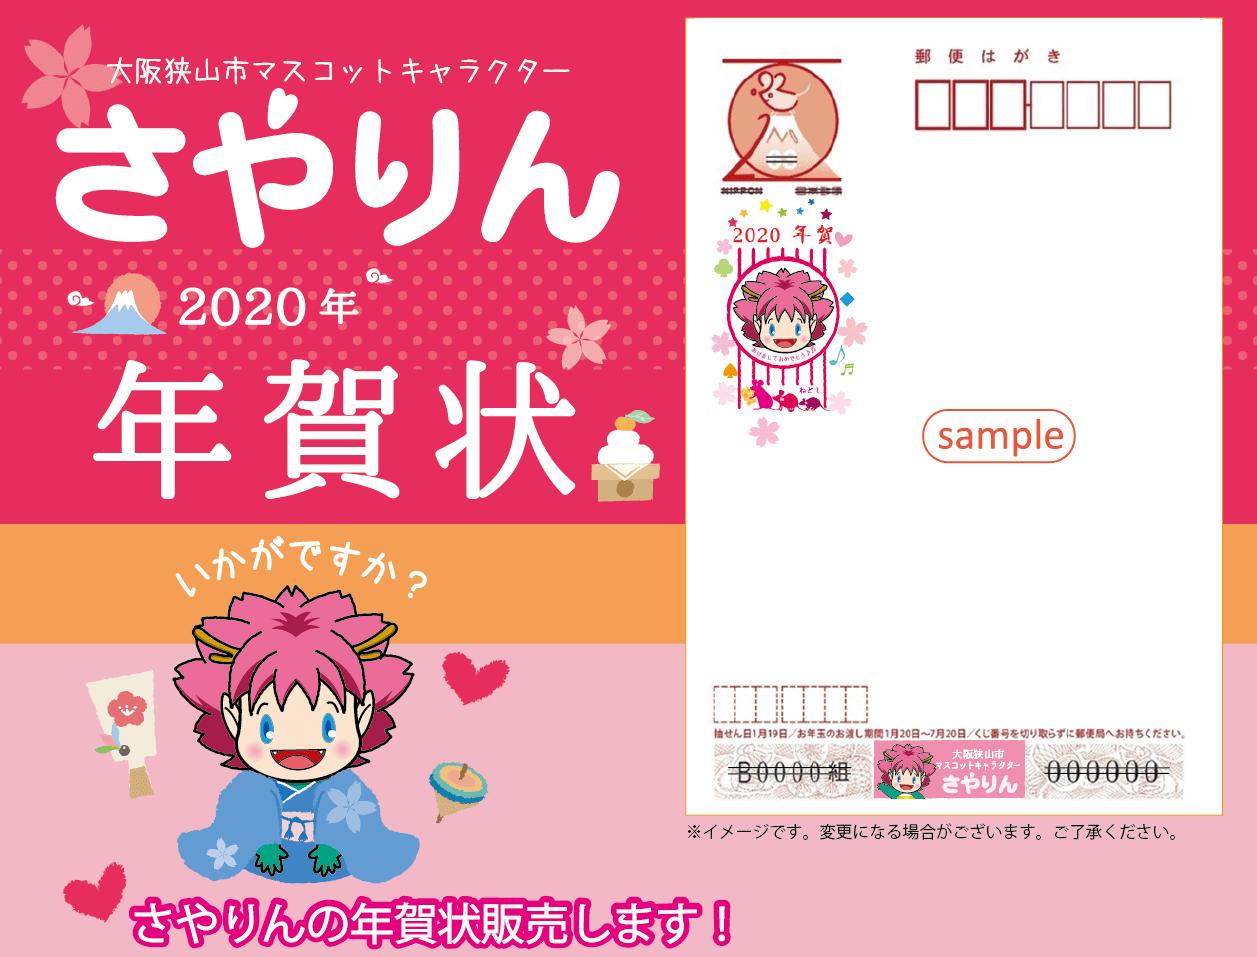 【限定8,000枚(800セット)】2020年「さやりんの年賀状」が2019年11月1日より販売開始!